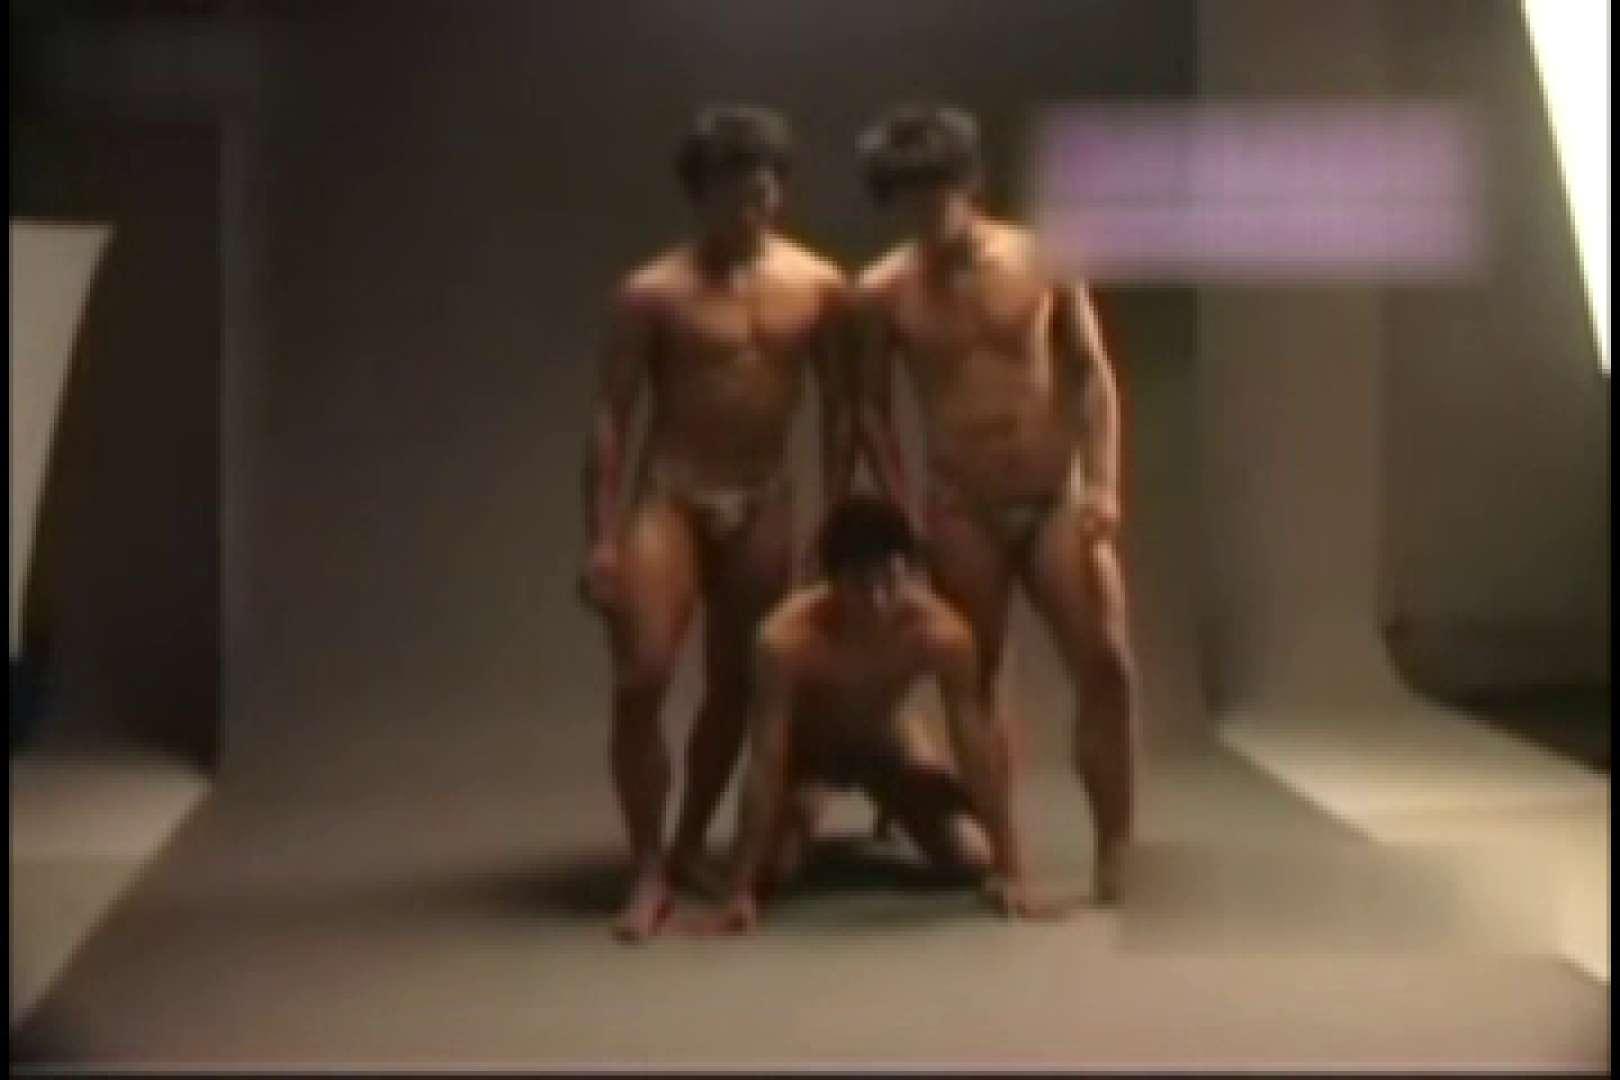 中出有名ゲイ雑誌★魅力●生★付録DVD収録スーパーモデルヌードvol4 イメージ(av)   モデル ゲイエロ画像 90pic 1